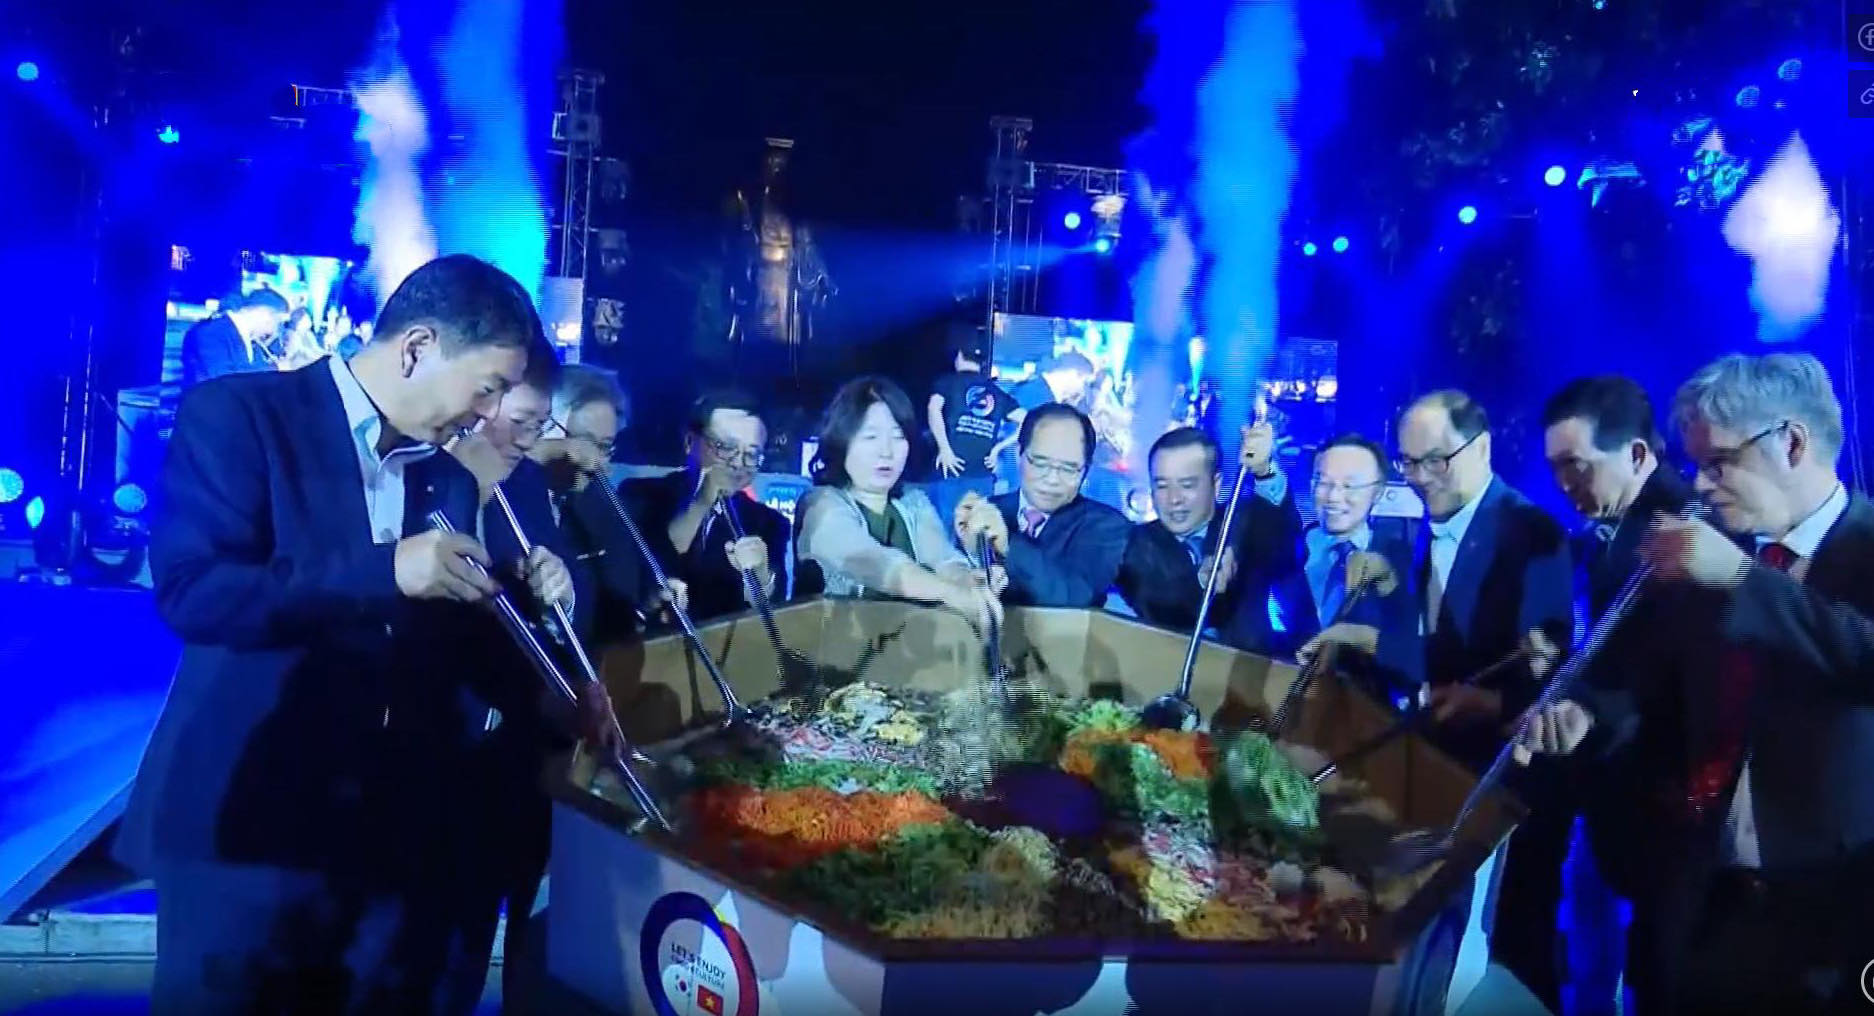 Cùng K-FOOD chào đón: Lễ hội văn hóa Ẩm thực Việt - Hàn lần thứ 11